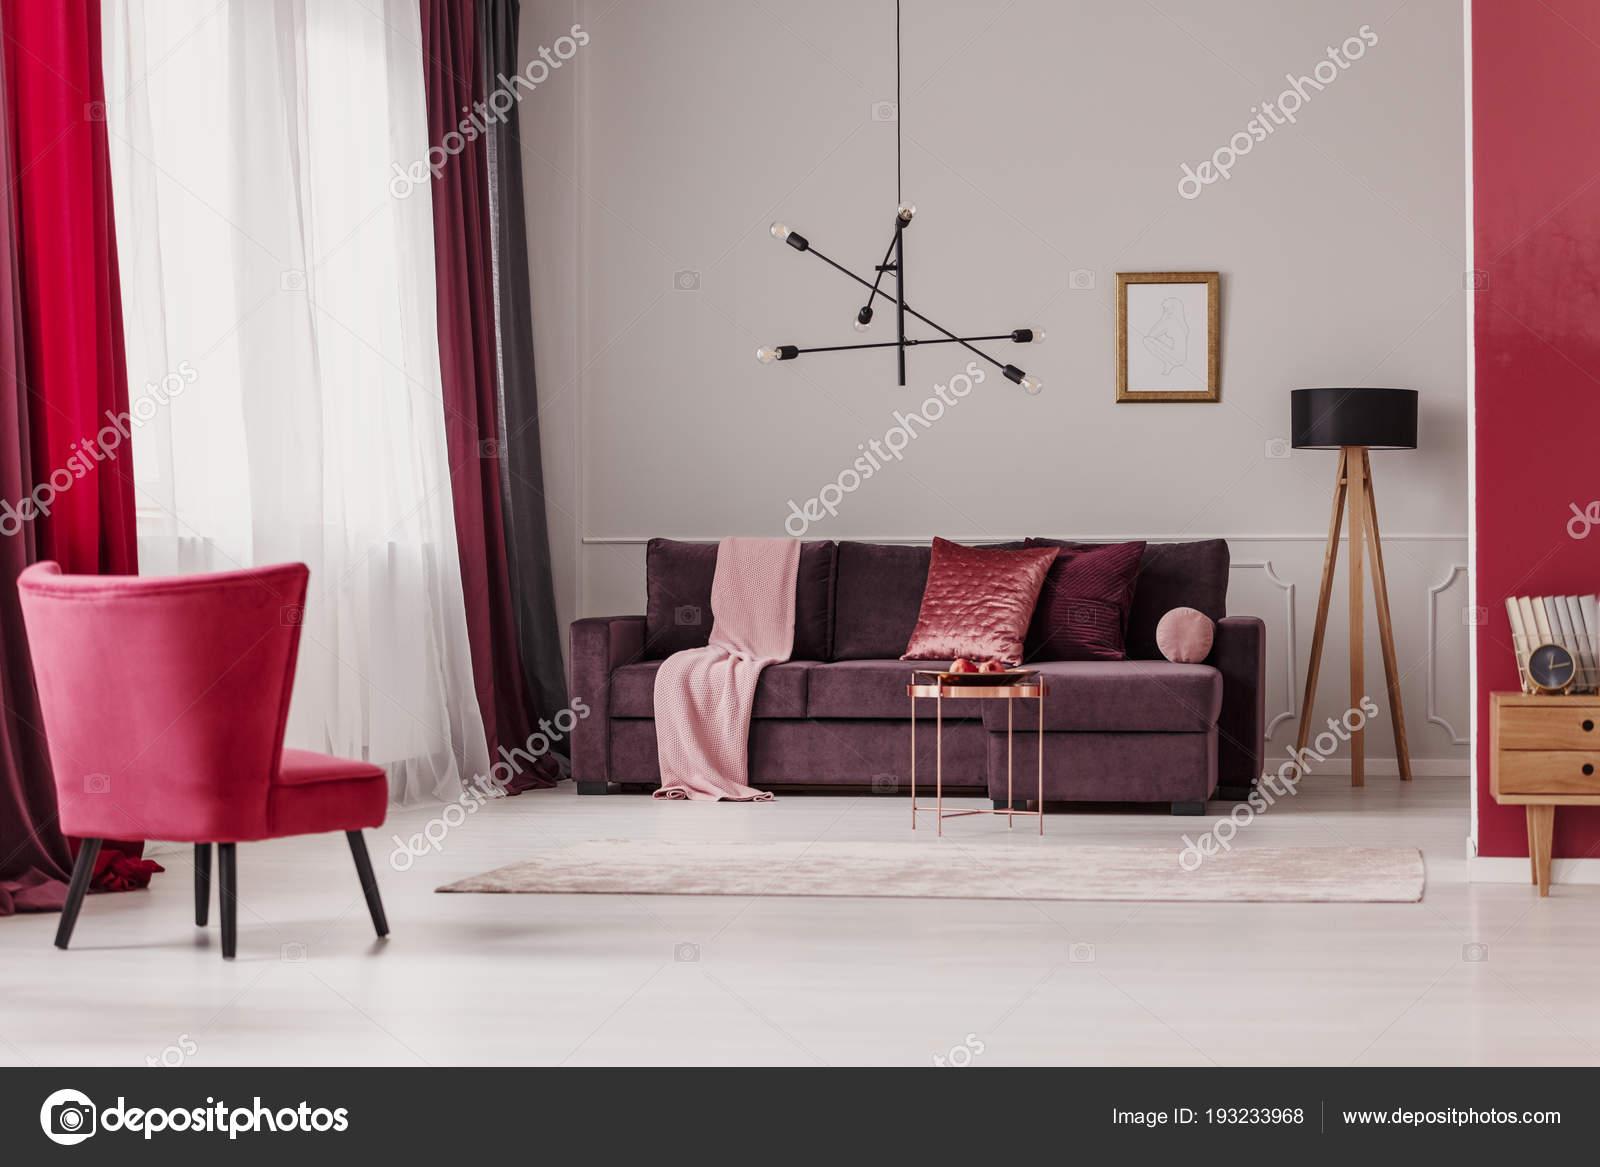 Paars Woonkamer Interieur : Rode stoel poster ruime woonkamer interieur met paarse bankstel